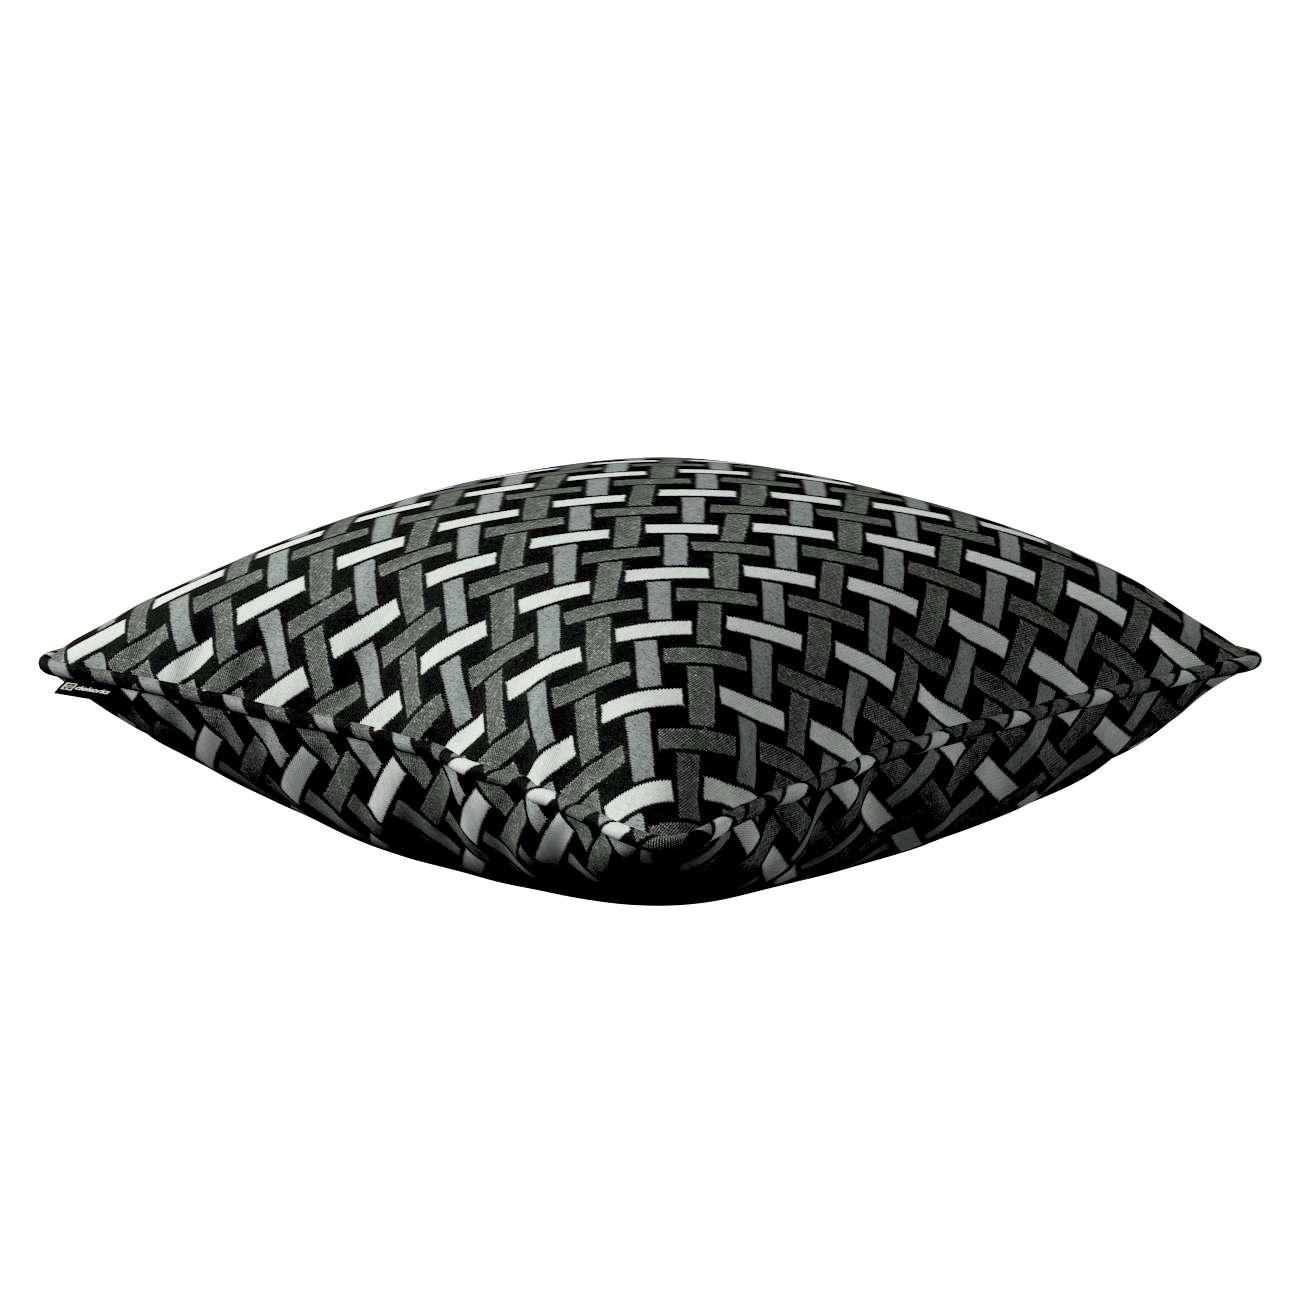 Gabi - potah na polštář šňůrka po obvodu v kolekci Black & White, látka: 142-87